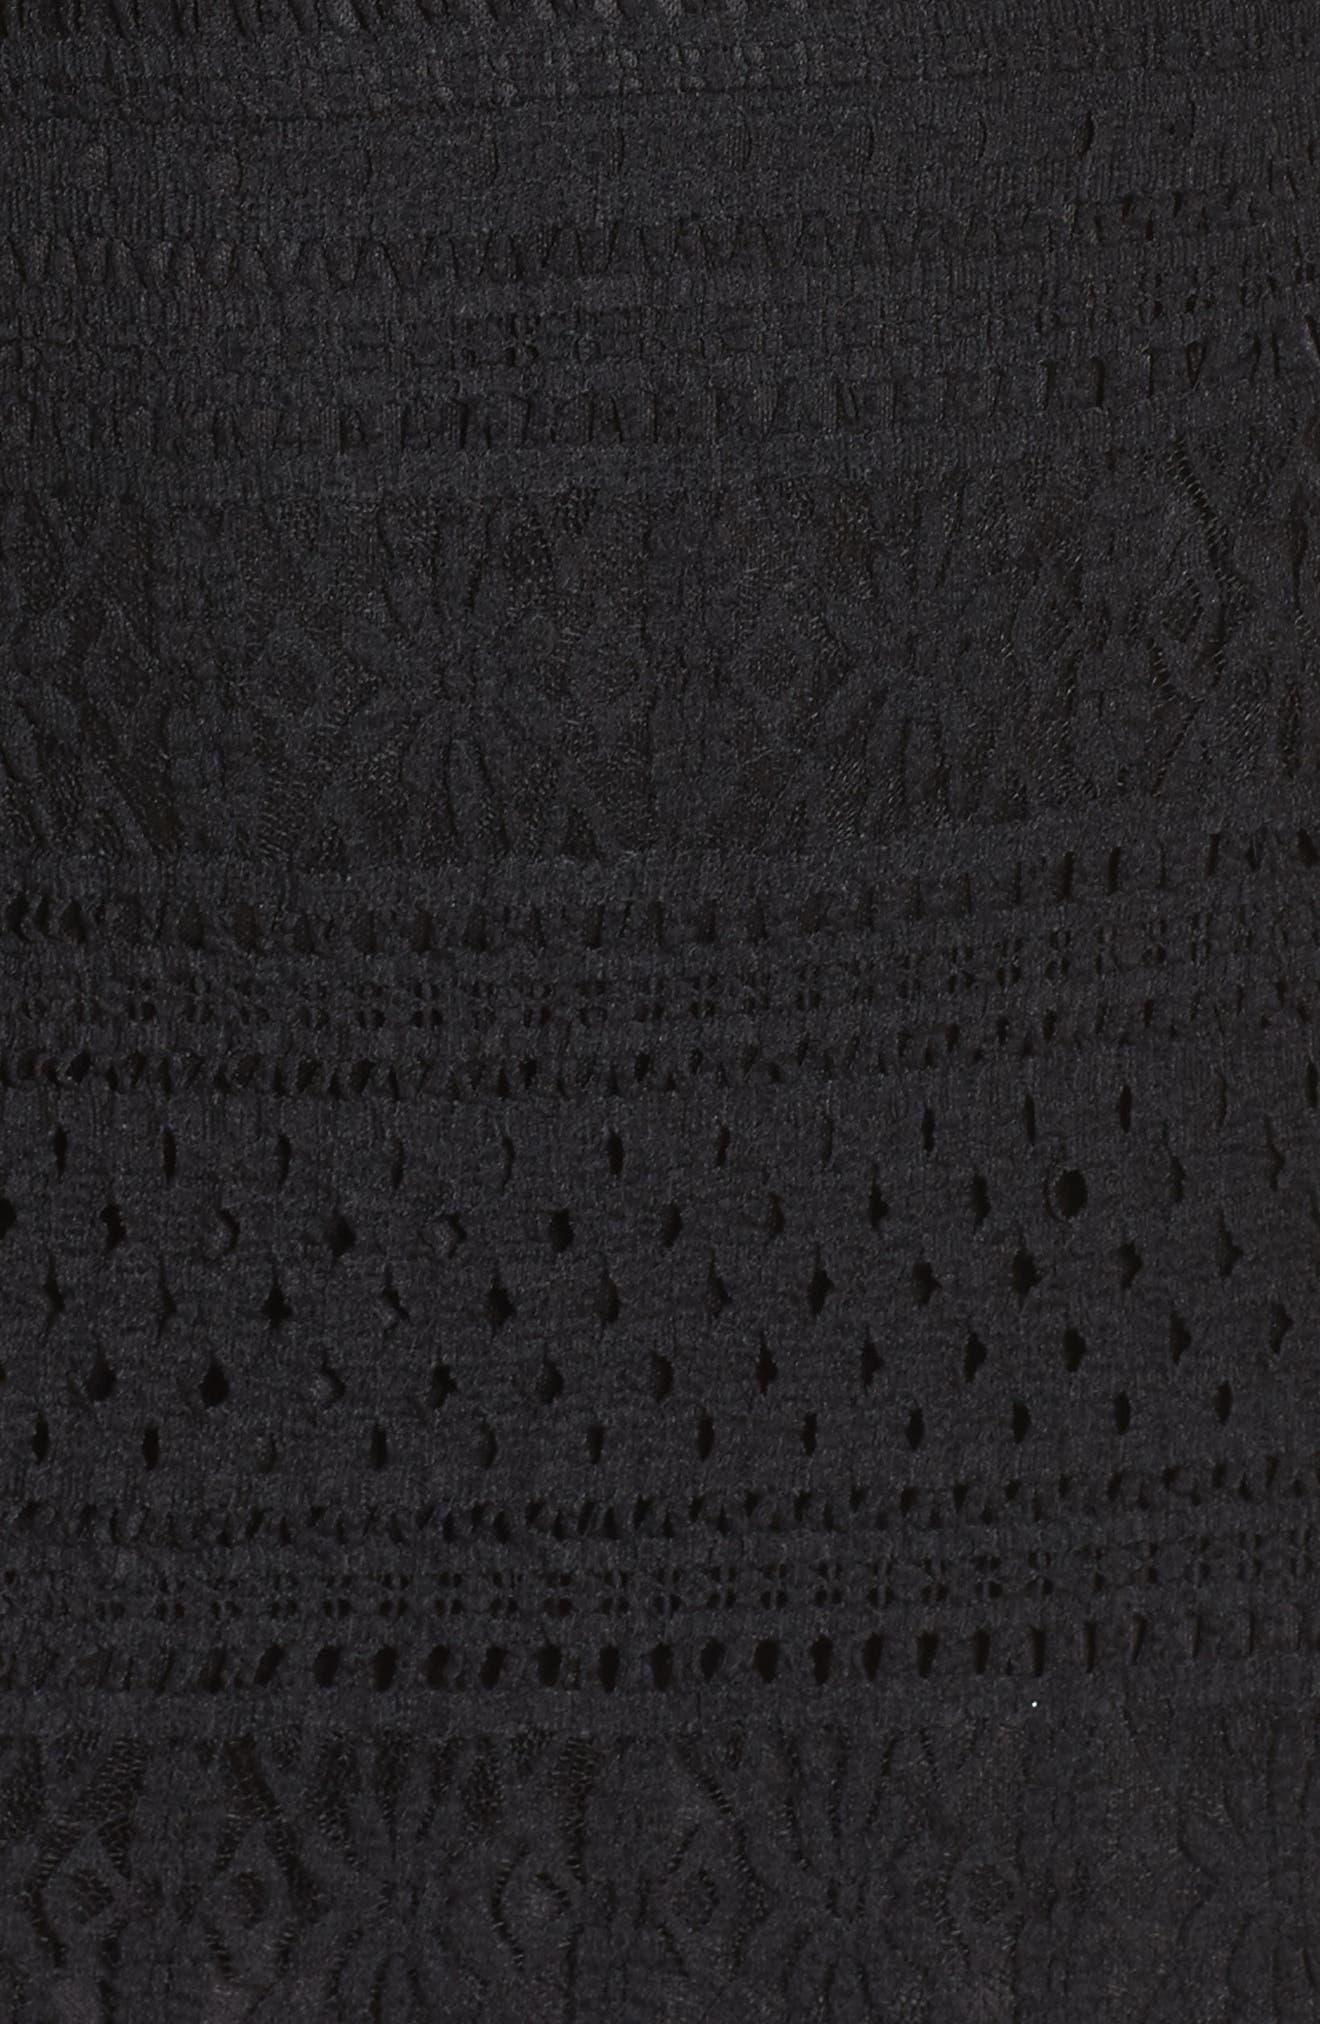 Ellie Fit & Flare Lace Dress,                             Alternate thumbnail 5, color,                             001